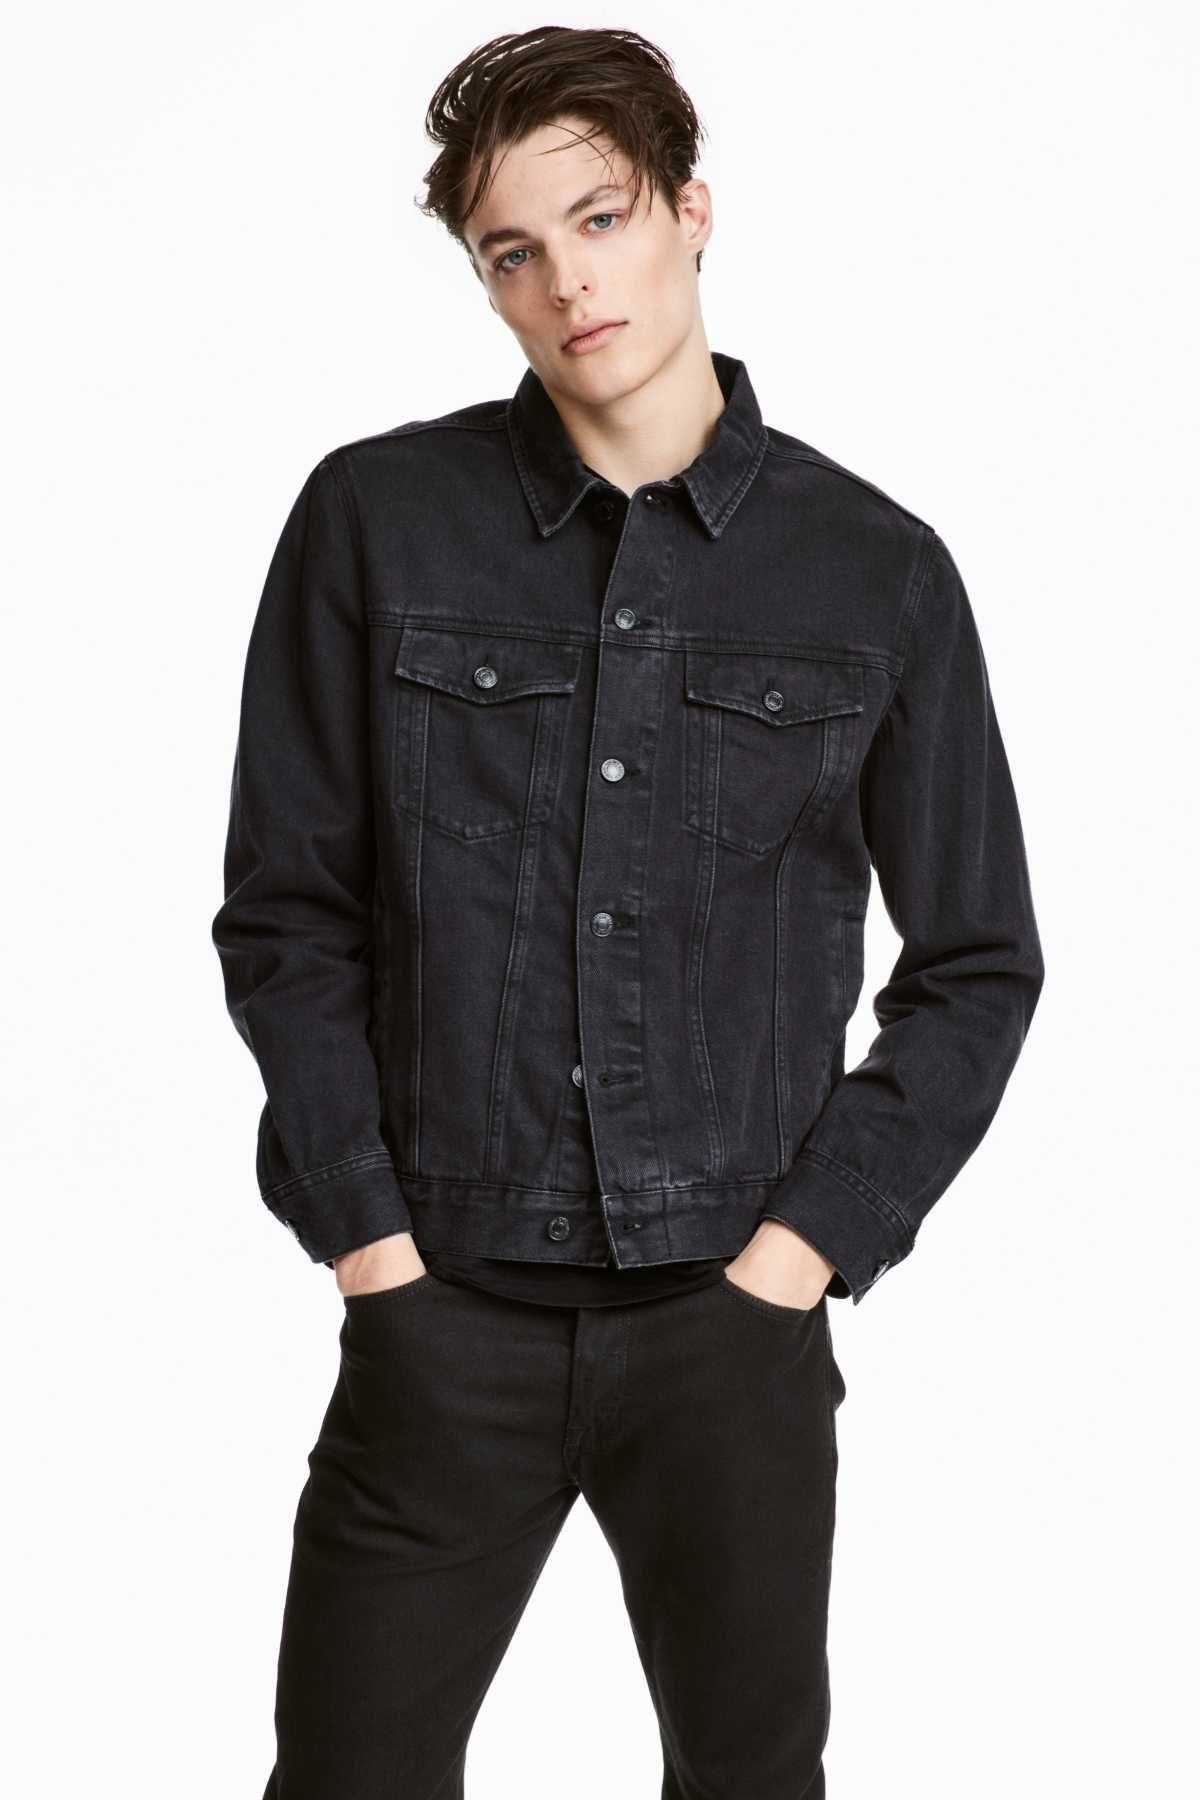 Denim Jacket Black Denim Men H M Us Shop Mens Clothing Mens Outfits Black Denim Jacket